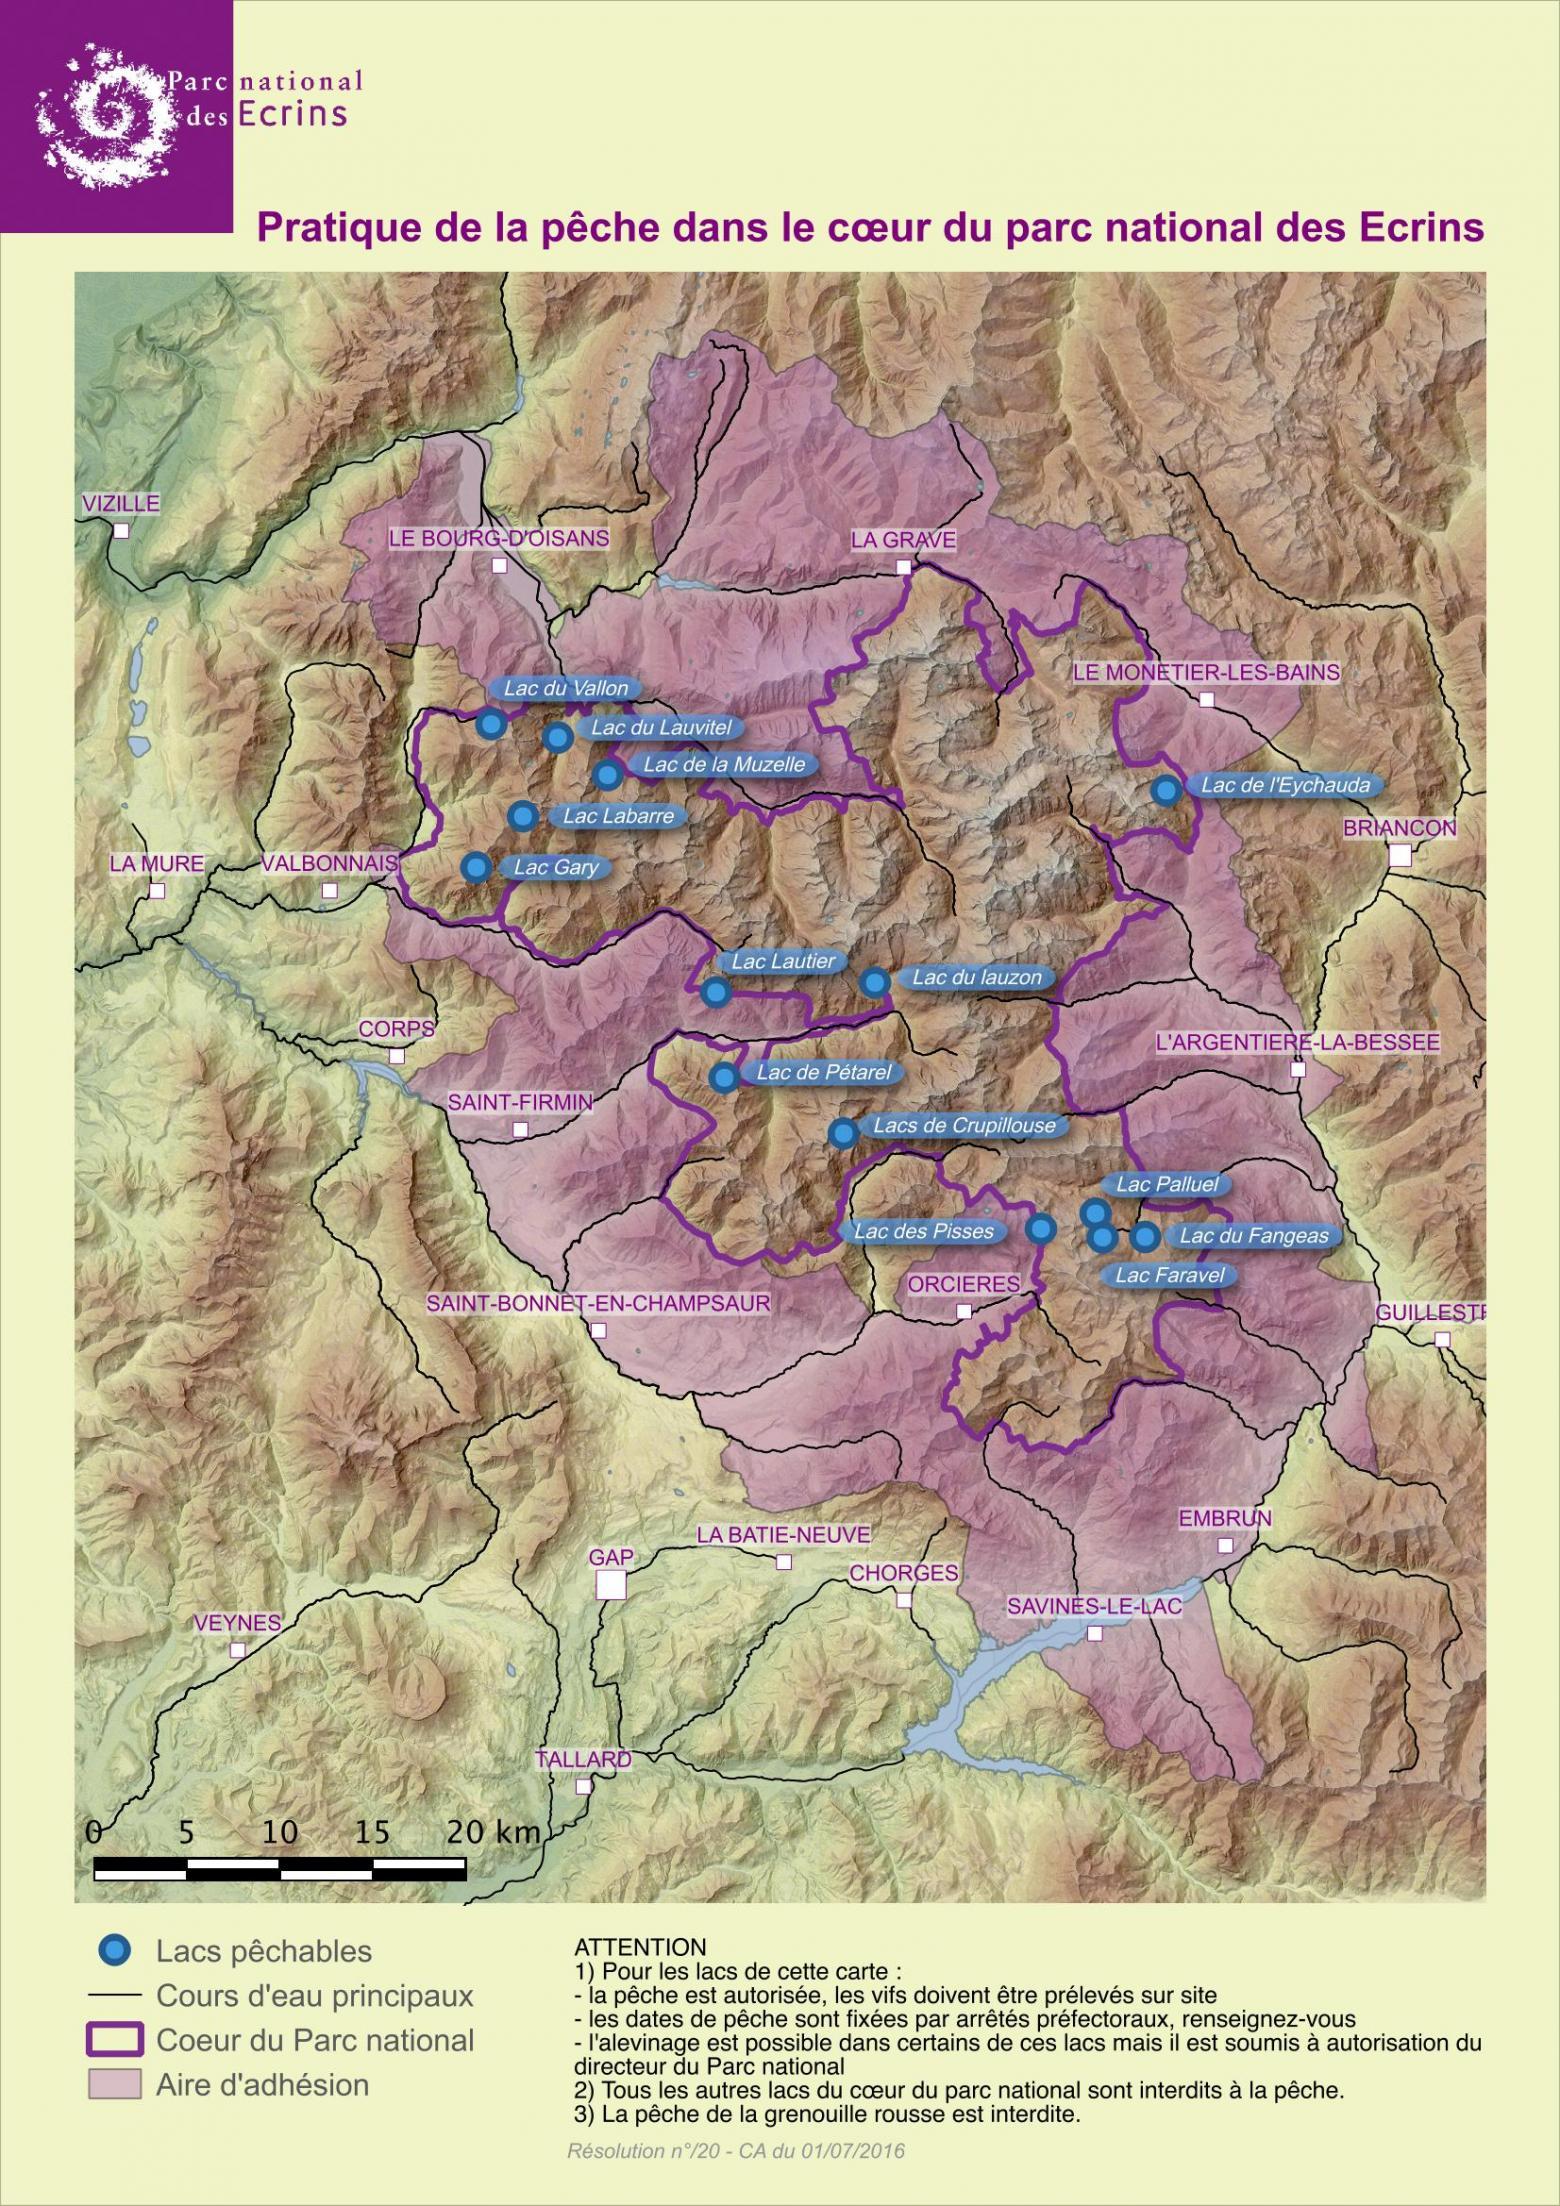 Carte des lacs où la pêche est possible dans le cœur du Parc national  © Parc national des Écrins